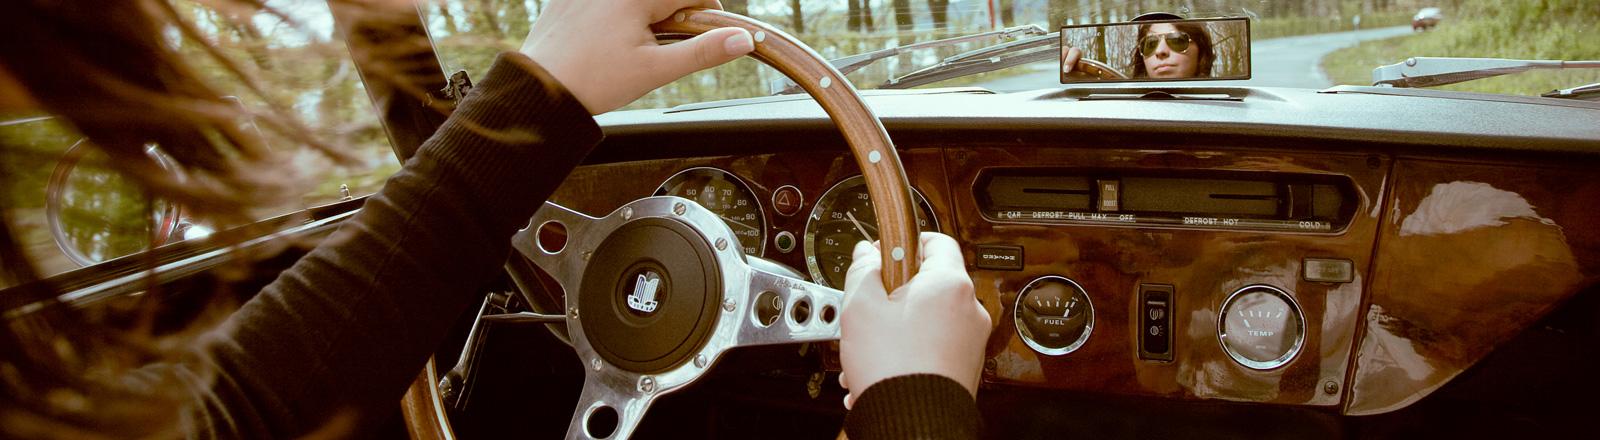 Frau sitzt in Cabrio am Lenkrad.